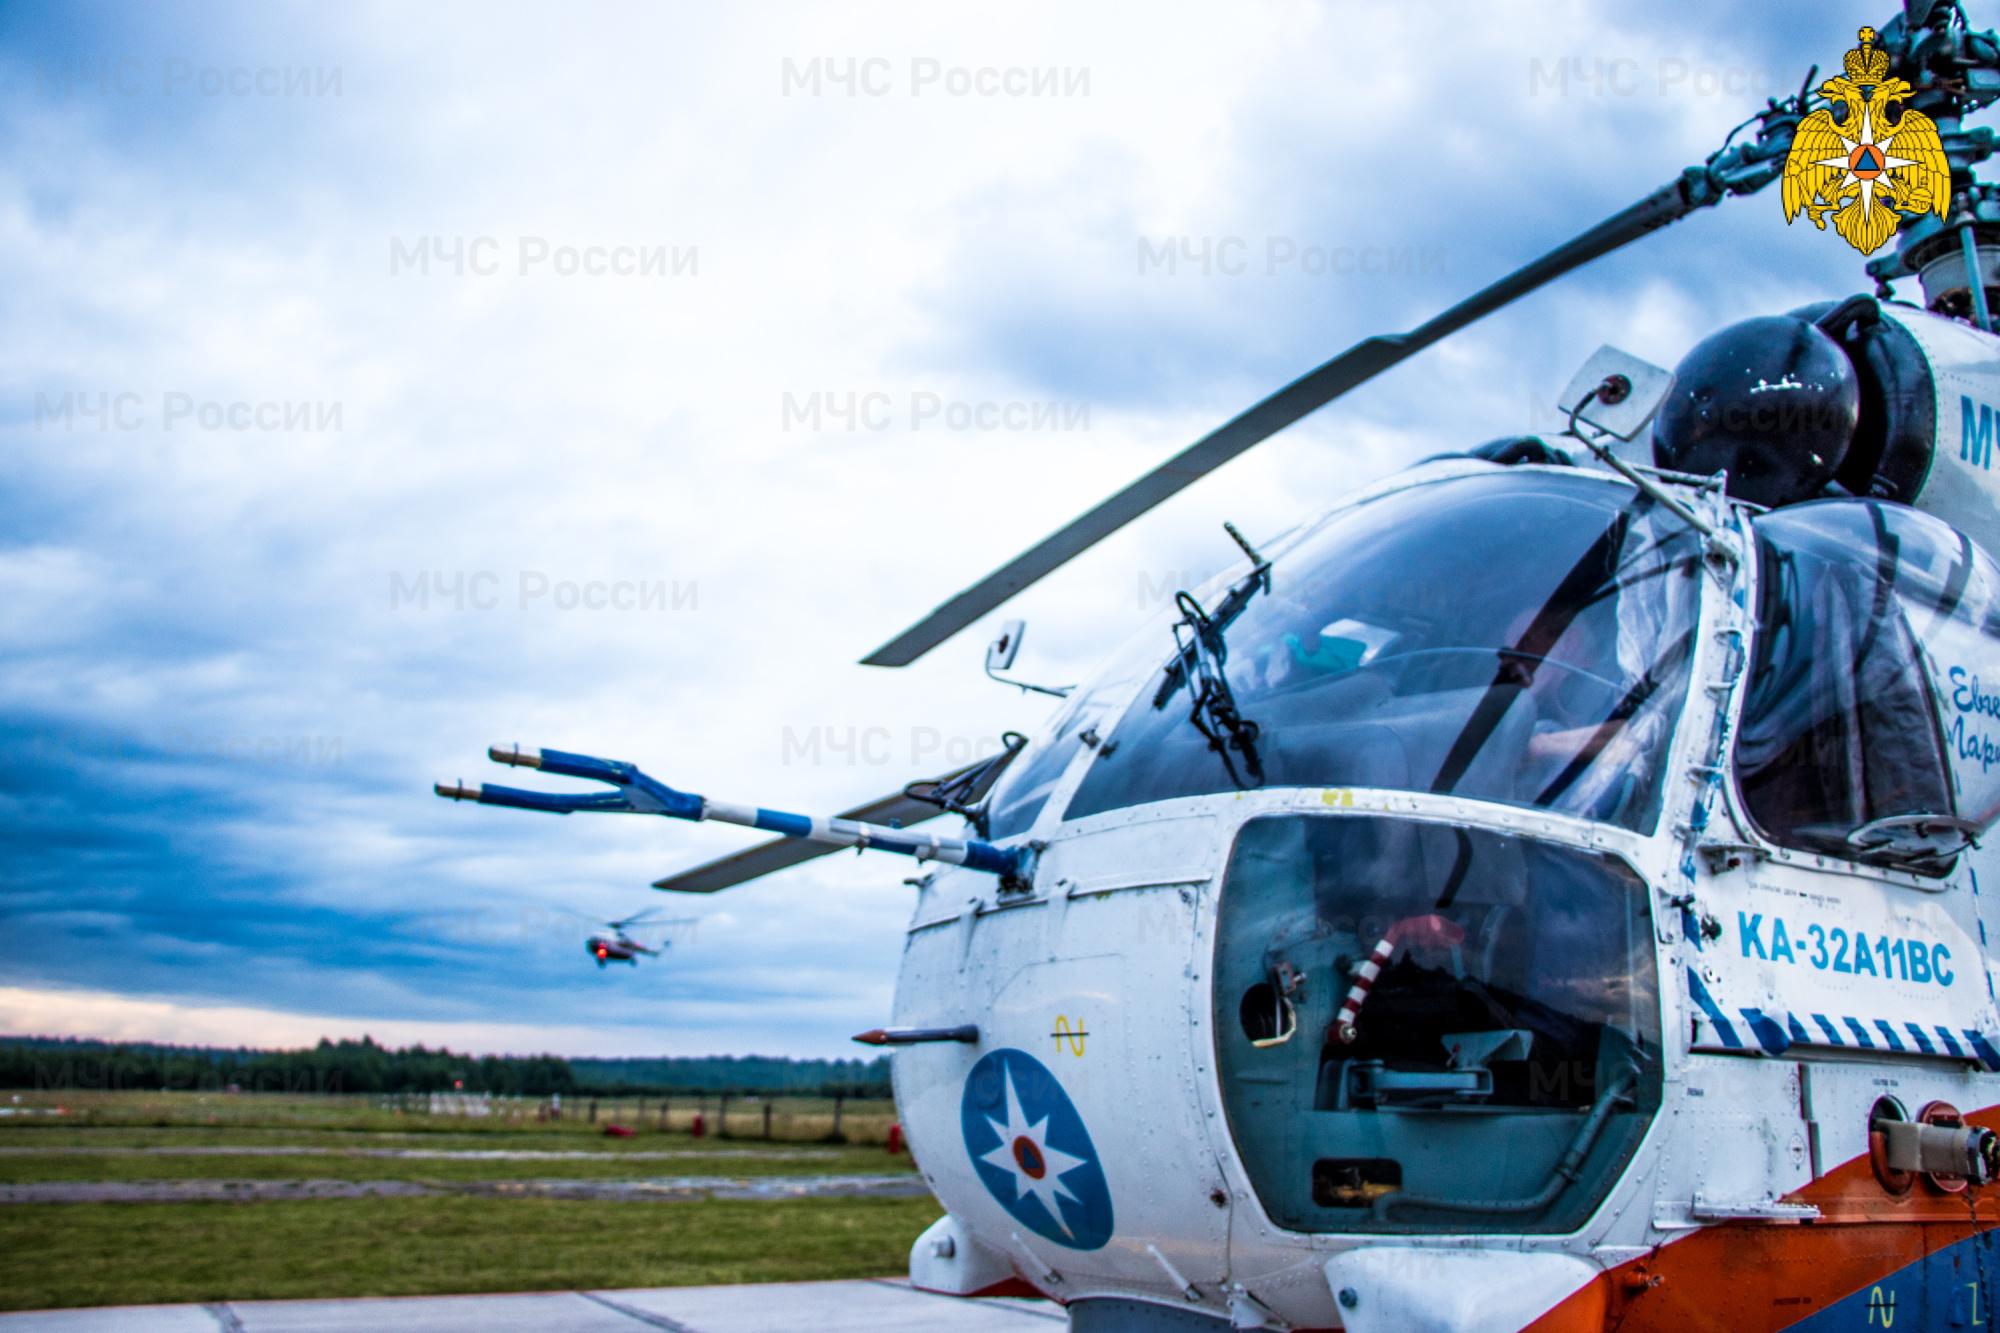 Появилось видео учений авиации МЧС Тверской области